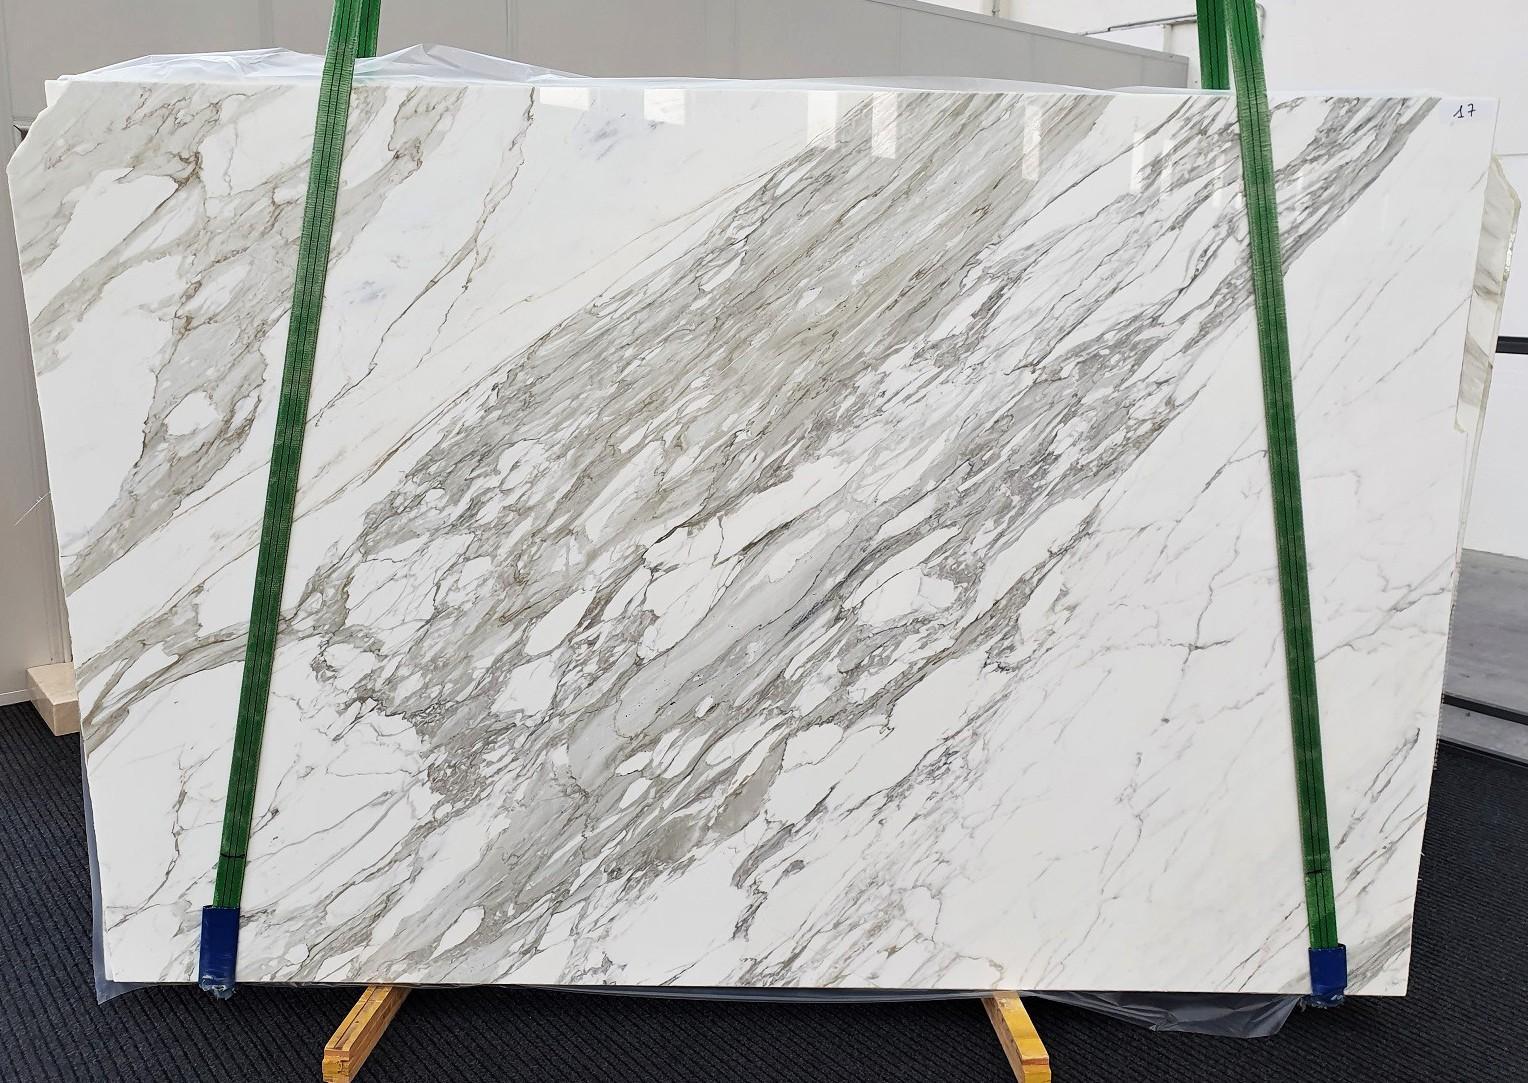 CALACATTA Fourniture Veneto (Italie) d' dalles brillantes en marbre naturel 1344 , C - slab #17